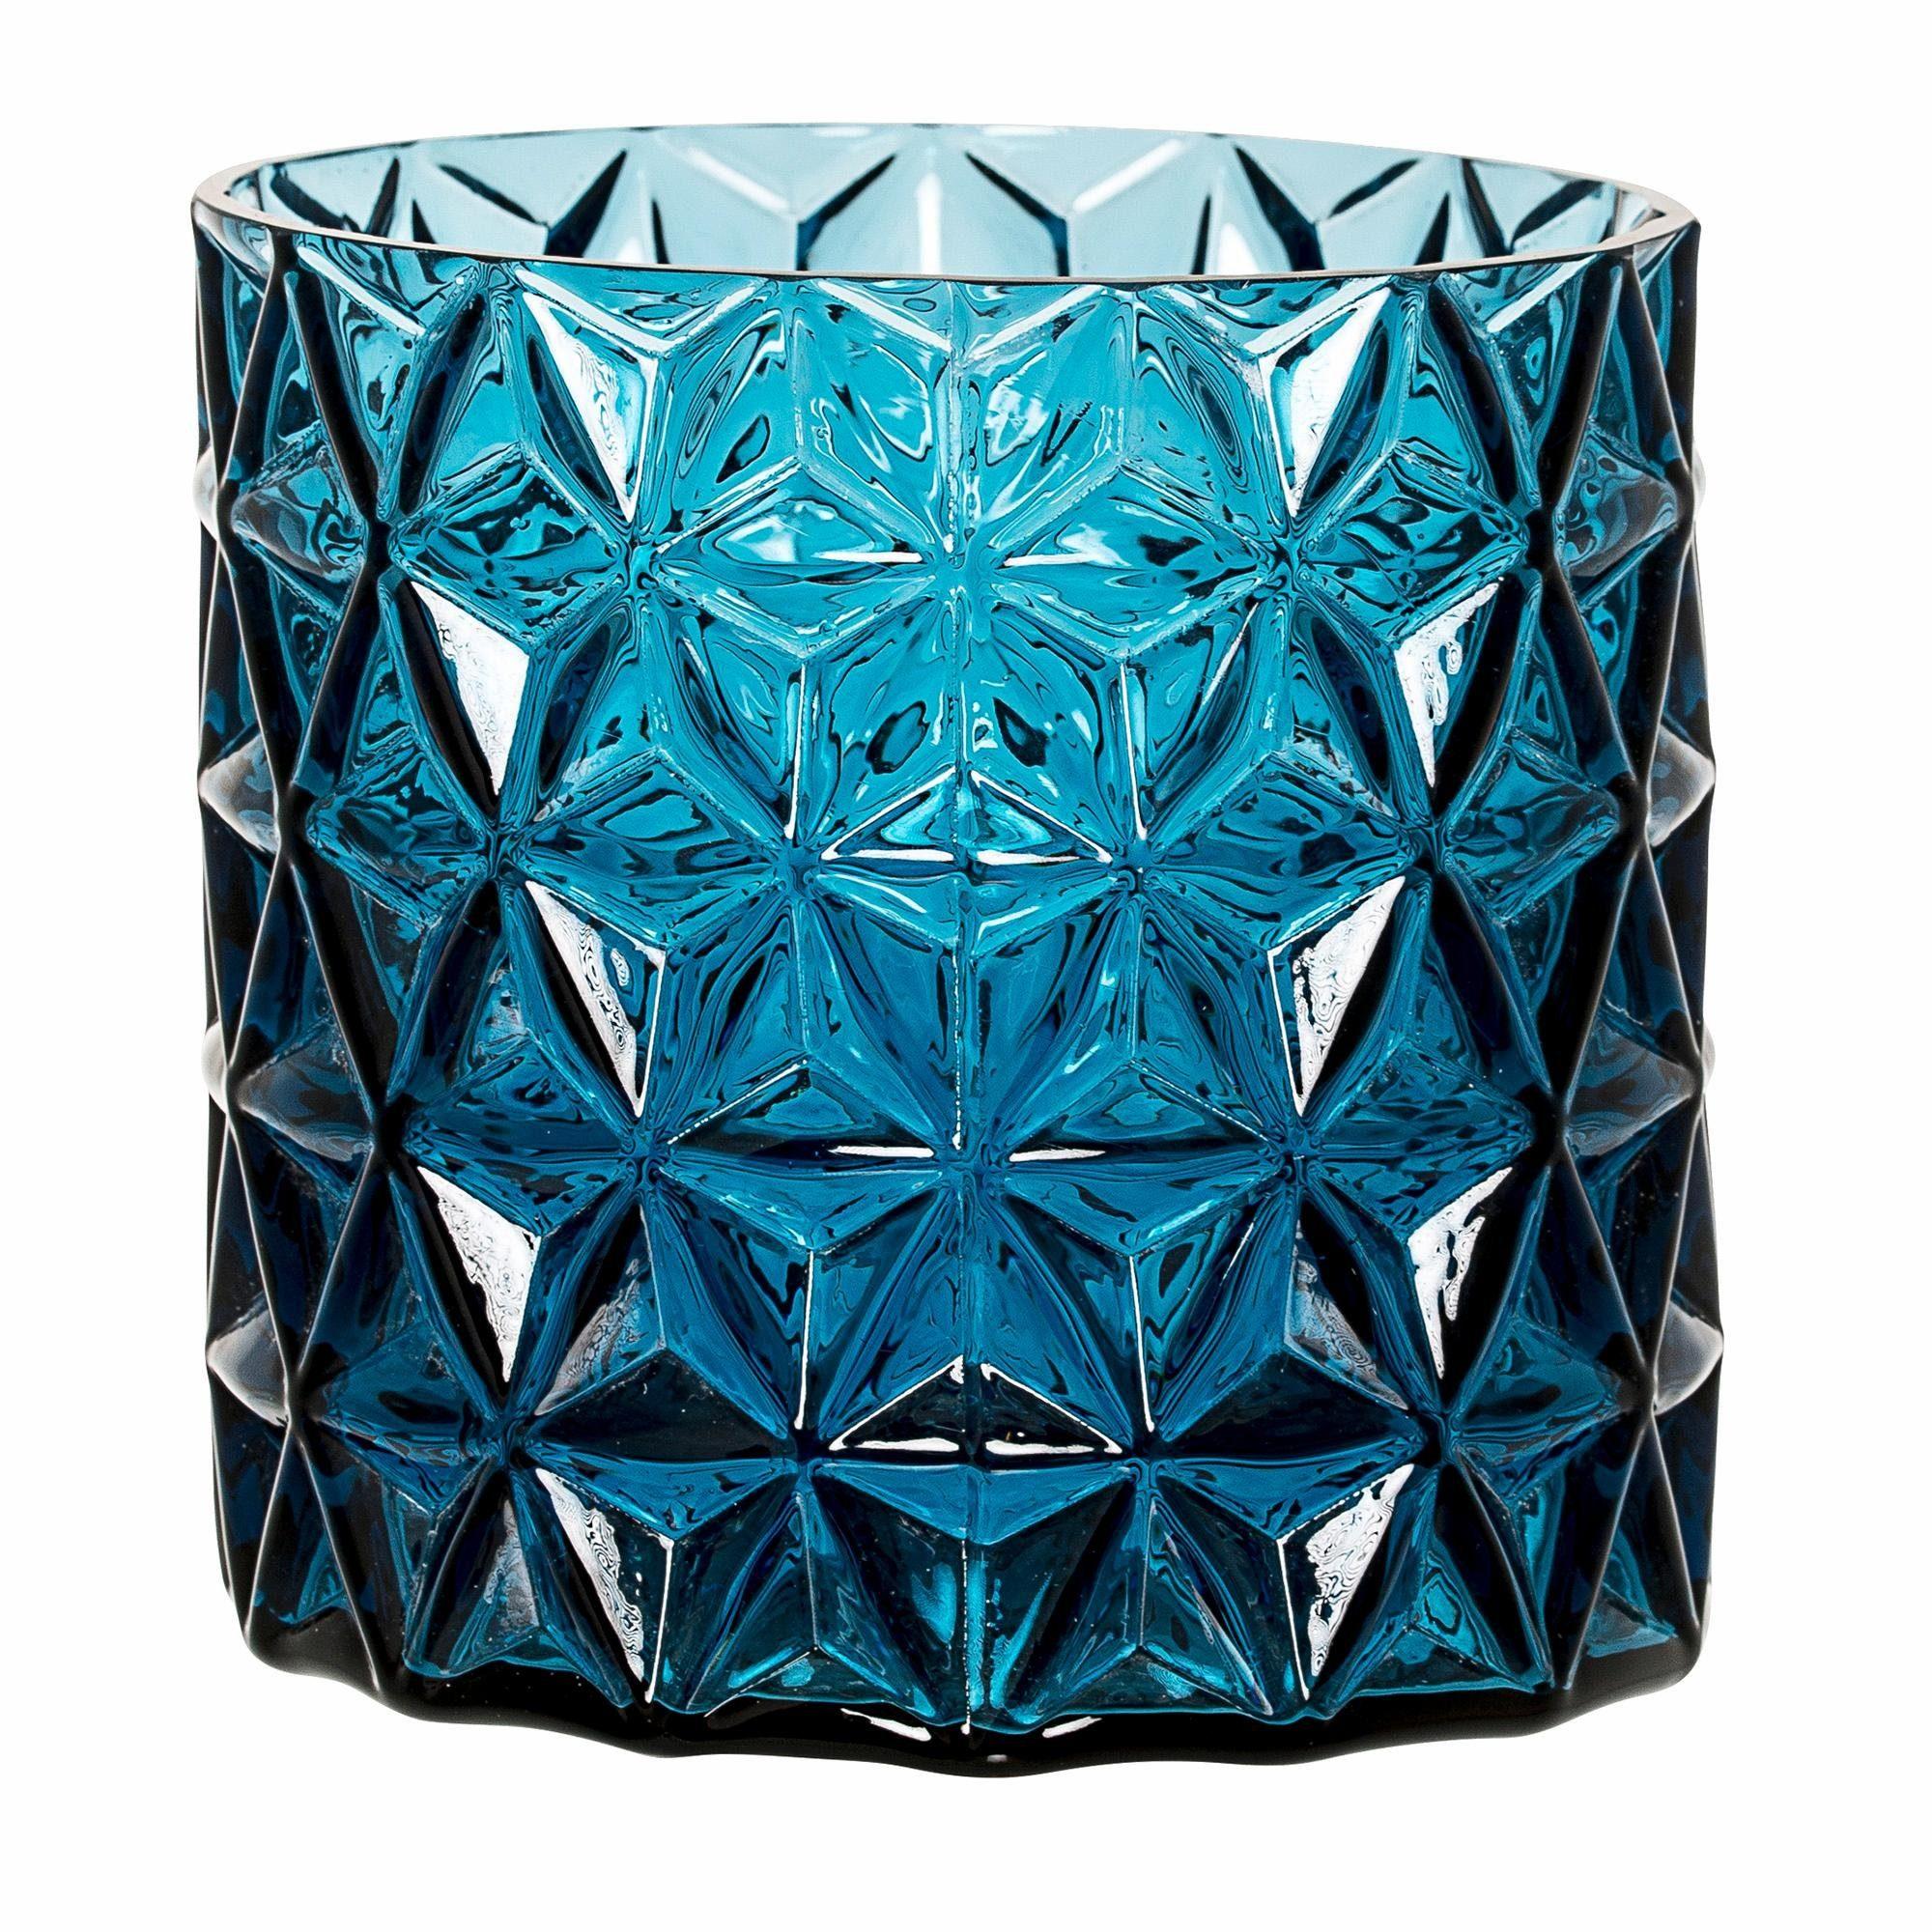 Bloomingville Vase, Bloomingville